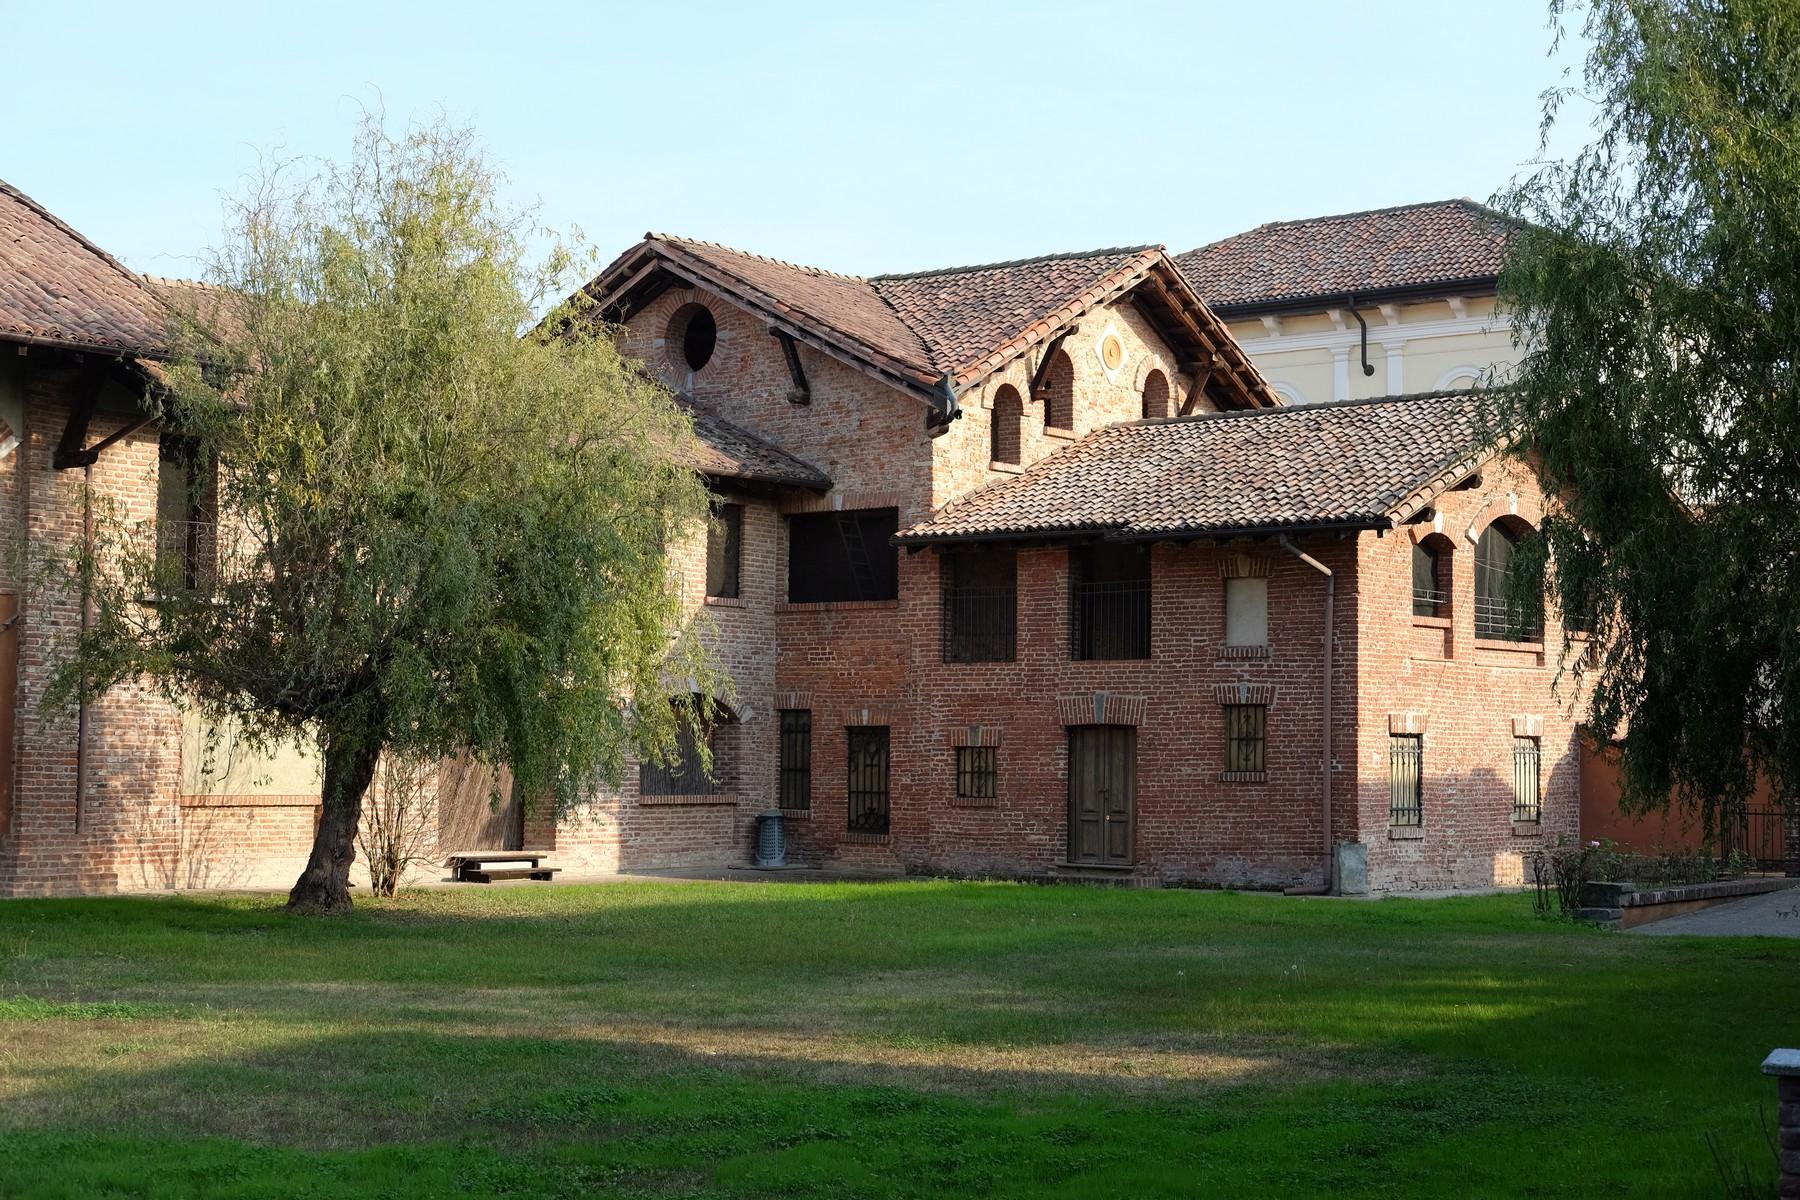 Rustico in Vendita a Castelnovetto: 5 locali, 2000 mq - Foto 4